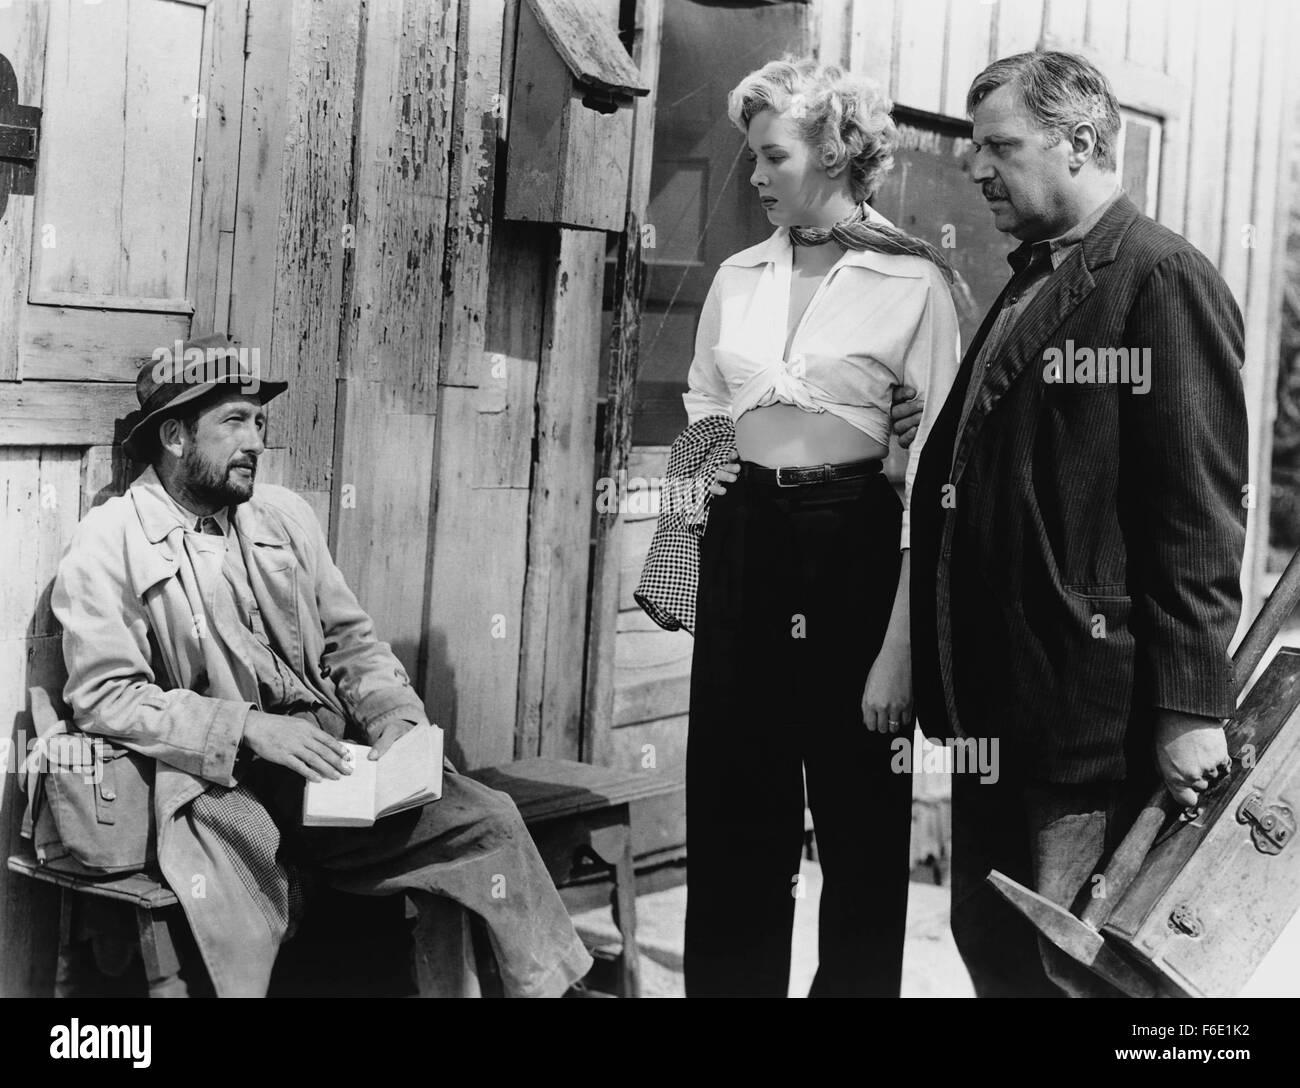 VERÖFFENTLICHT: 24. Juli 1951 - Film Originaltitel: Pickup. Stockbild